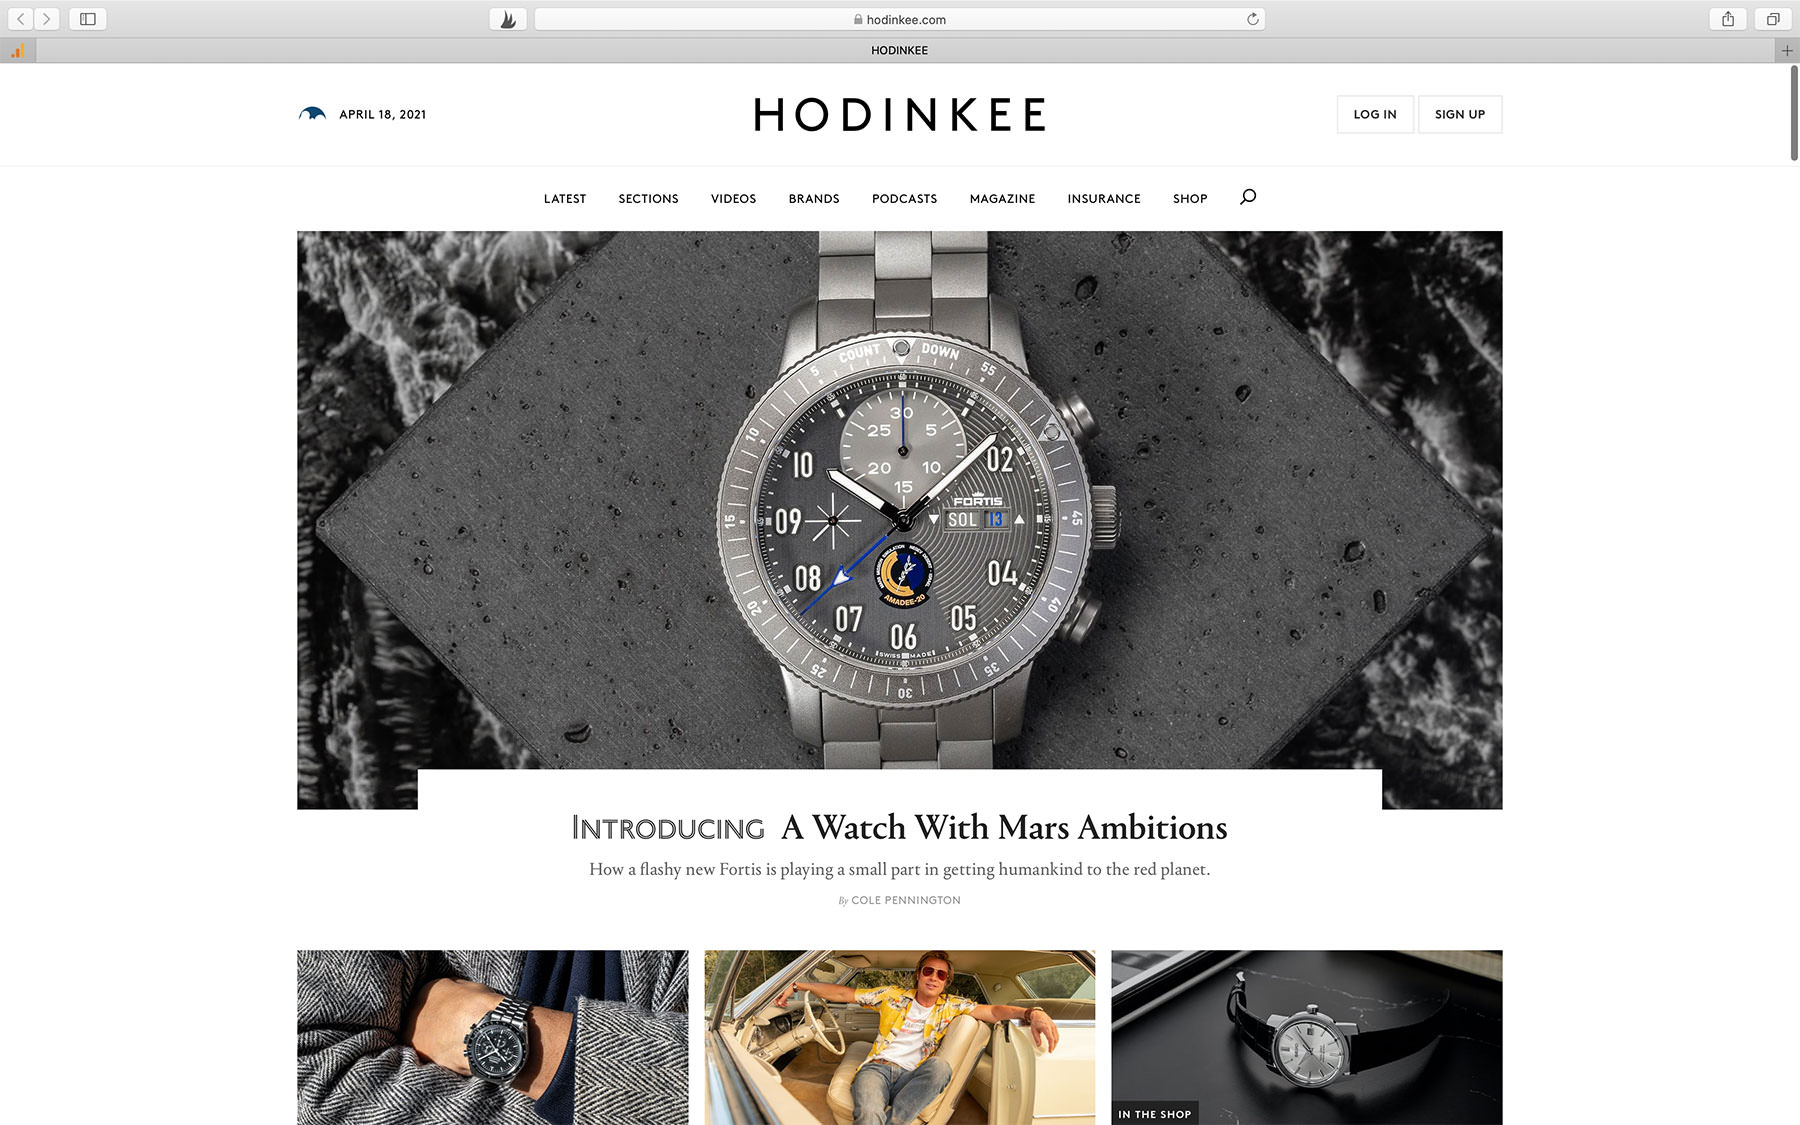 Watch Magazine HODINKEE